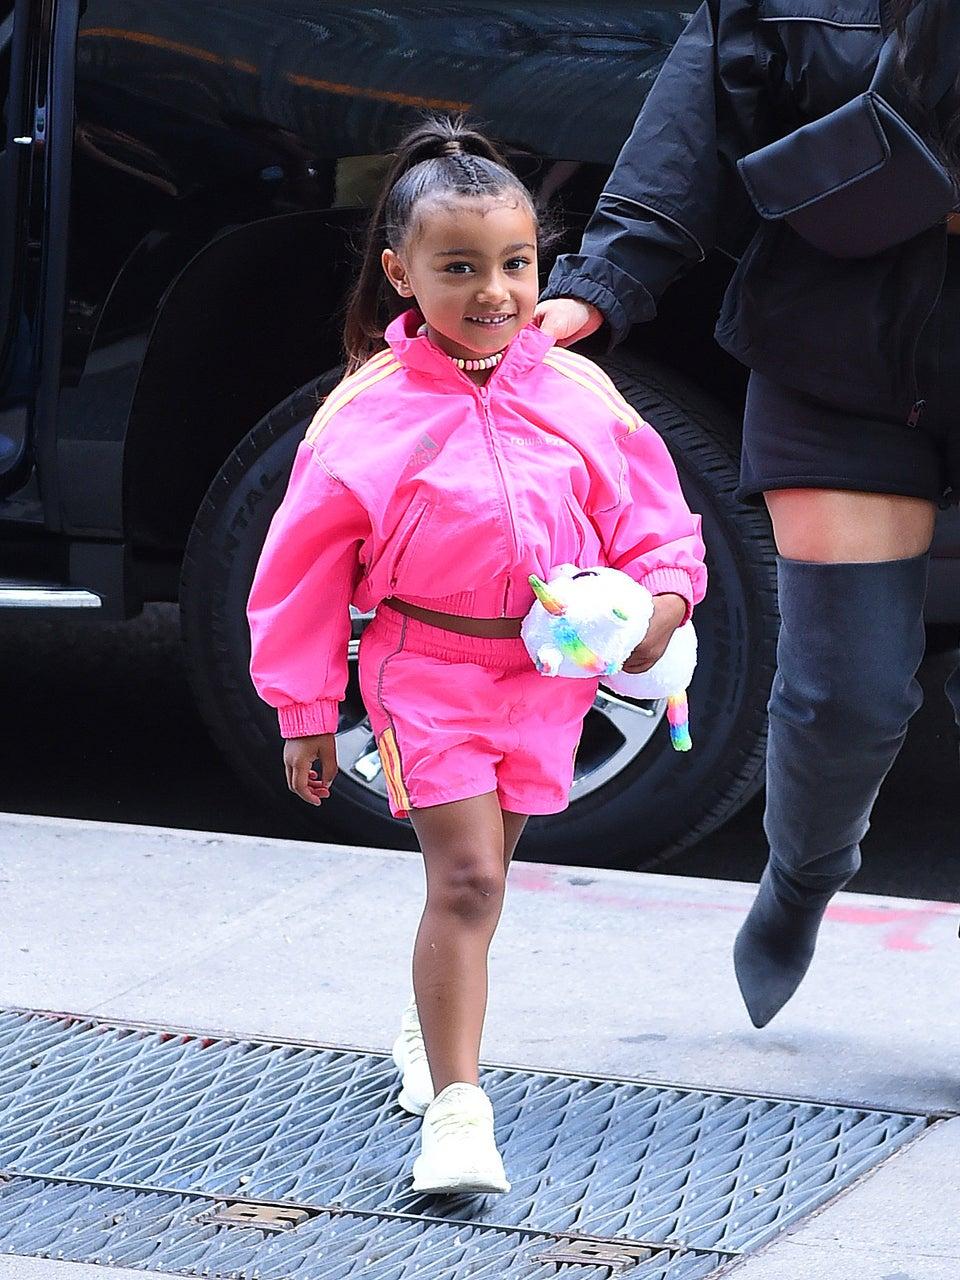 Kim Kardashian and Kanye West Buy Daughter Michael Jackson's Jacket for Christmas